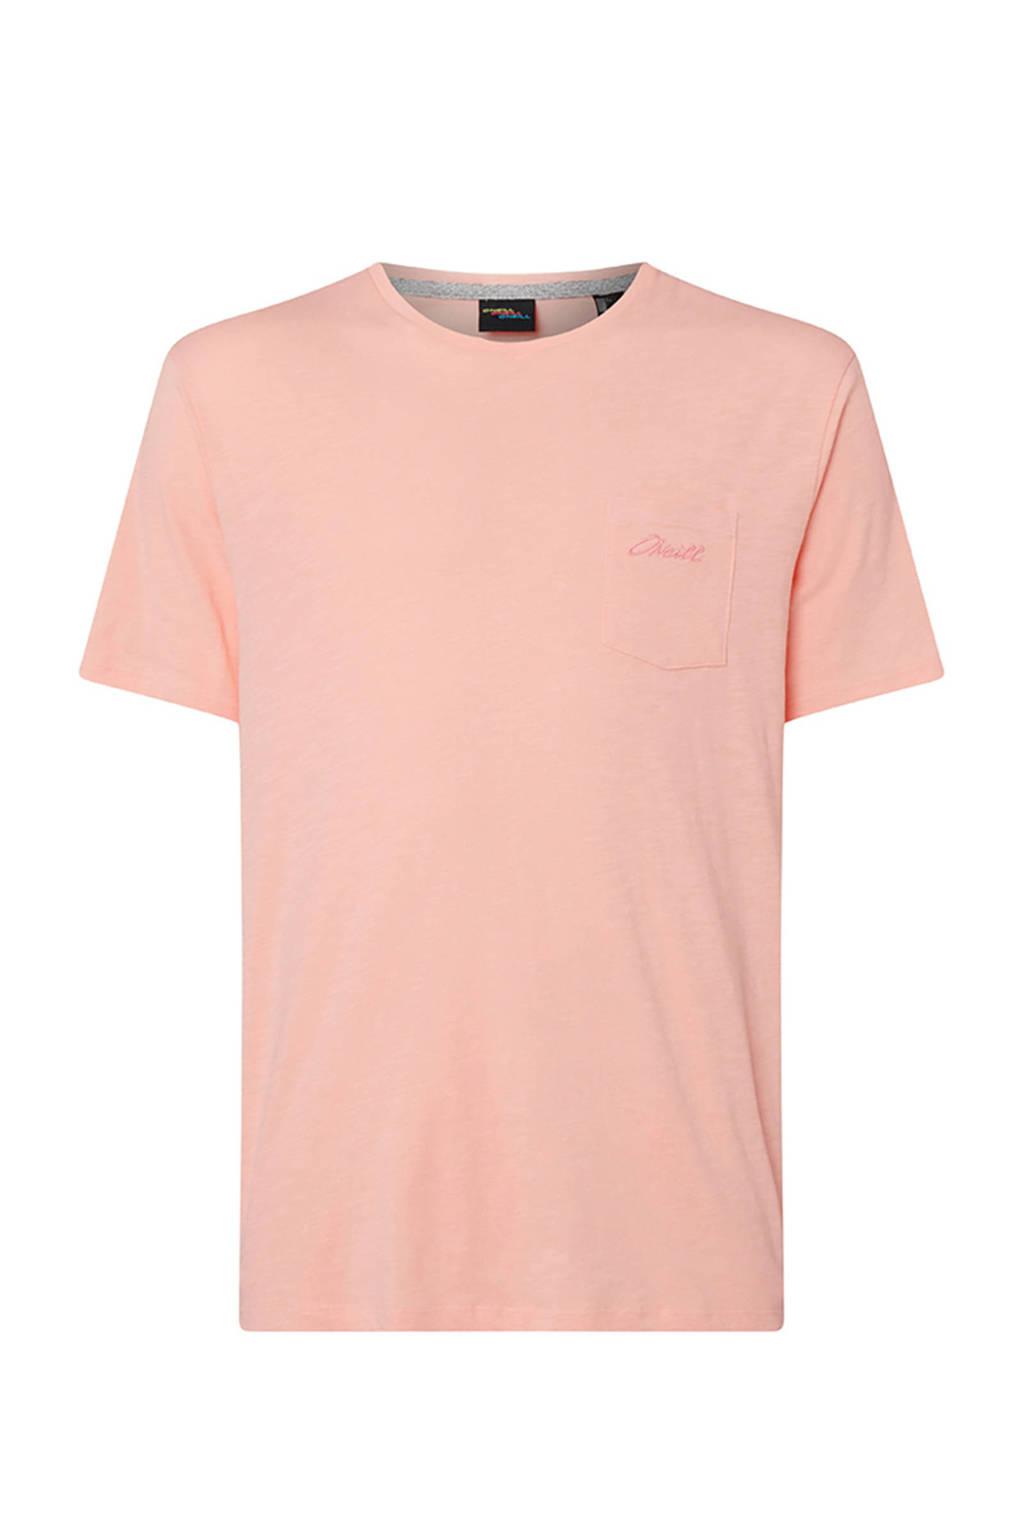 WE Fashion gemêleerd T-shirt van biologisch katoen roze, Roze